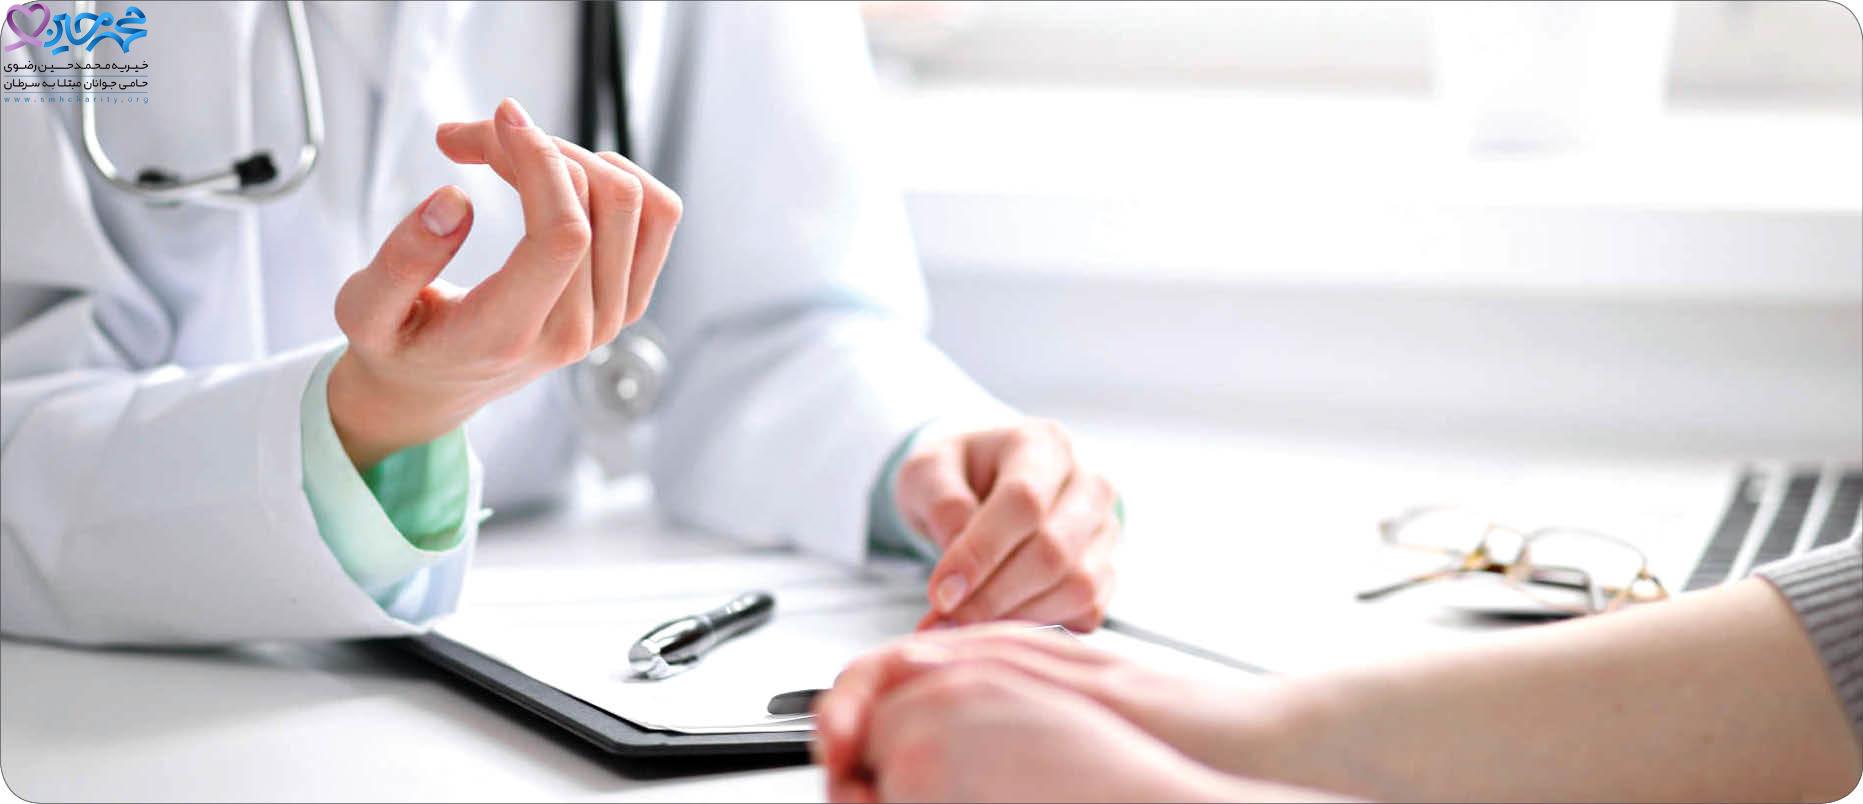 عوامل فزاینده خطر ابتلا به سرطان دهانه رحم